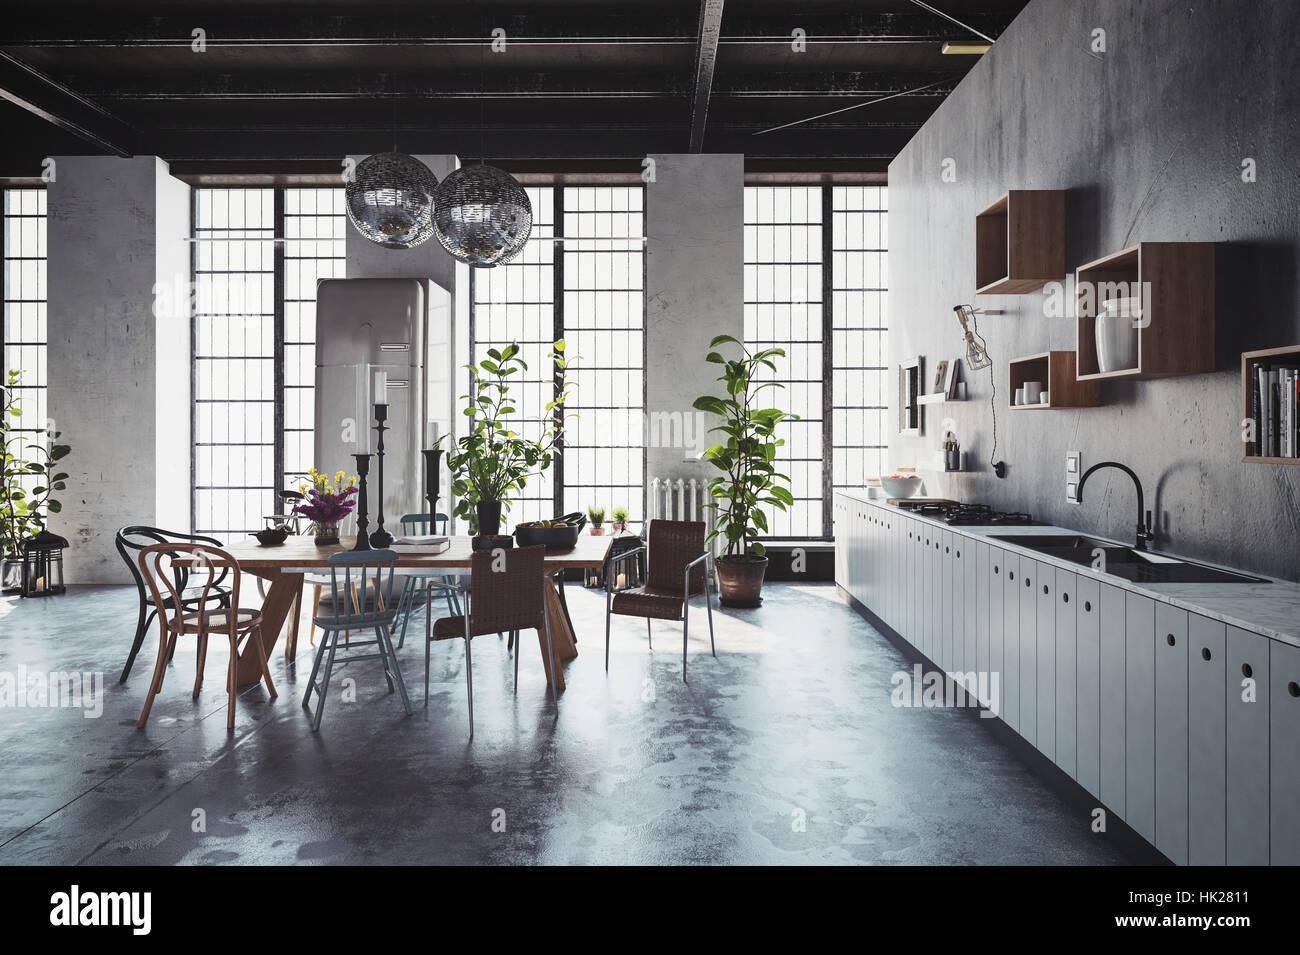 3D interior escena de una espaciosa cocina con mesa, sillas, plantas ...